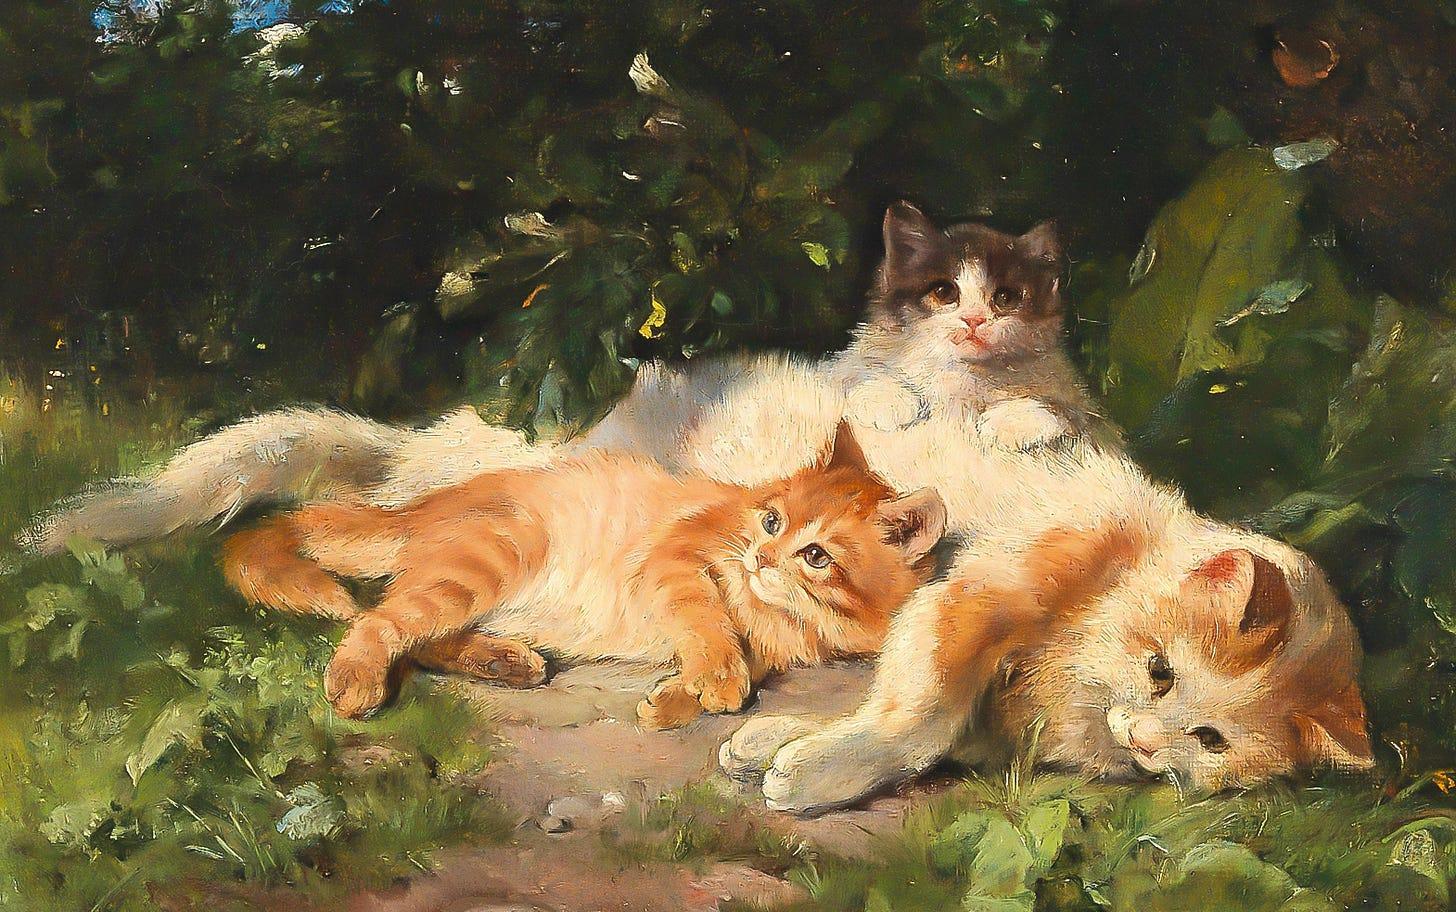 forest kittens